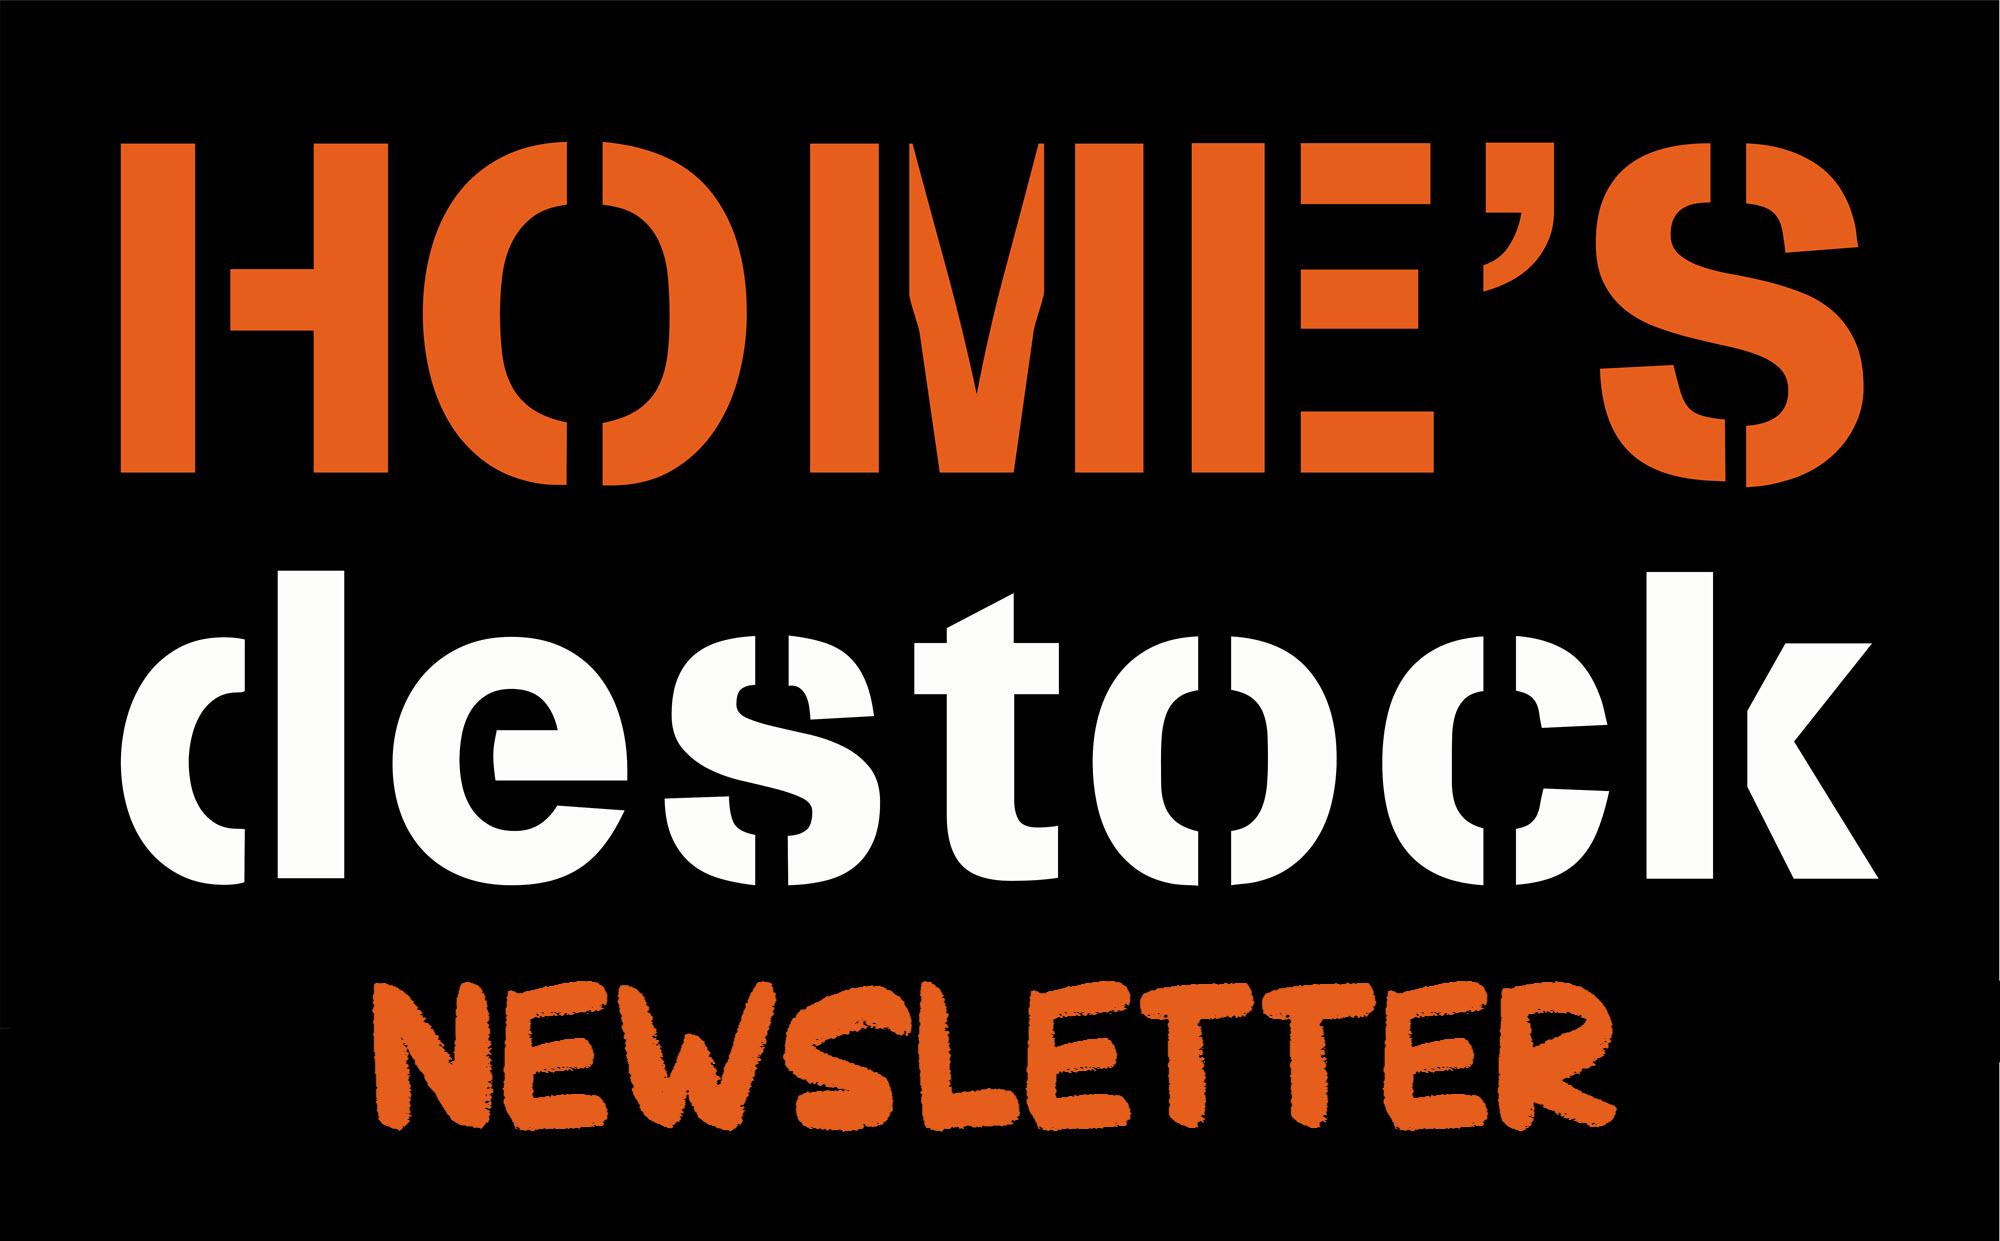 La Newsletter Home's Destock est disponible !